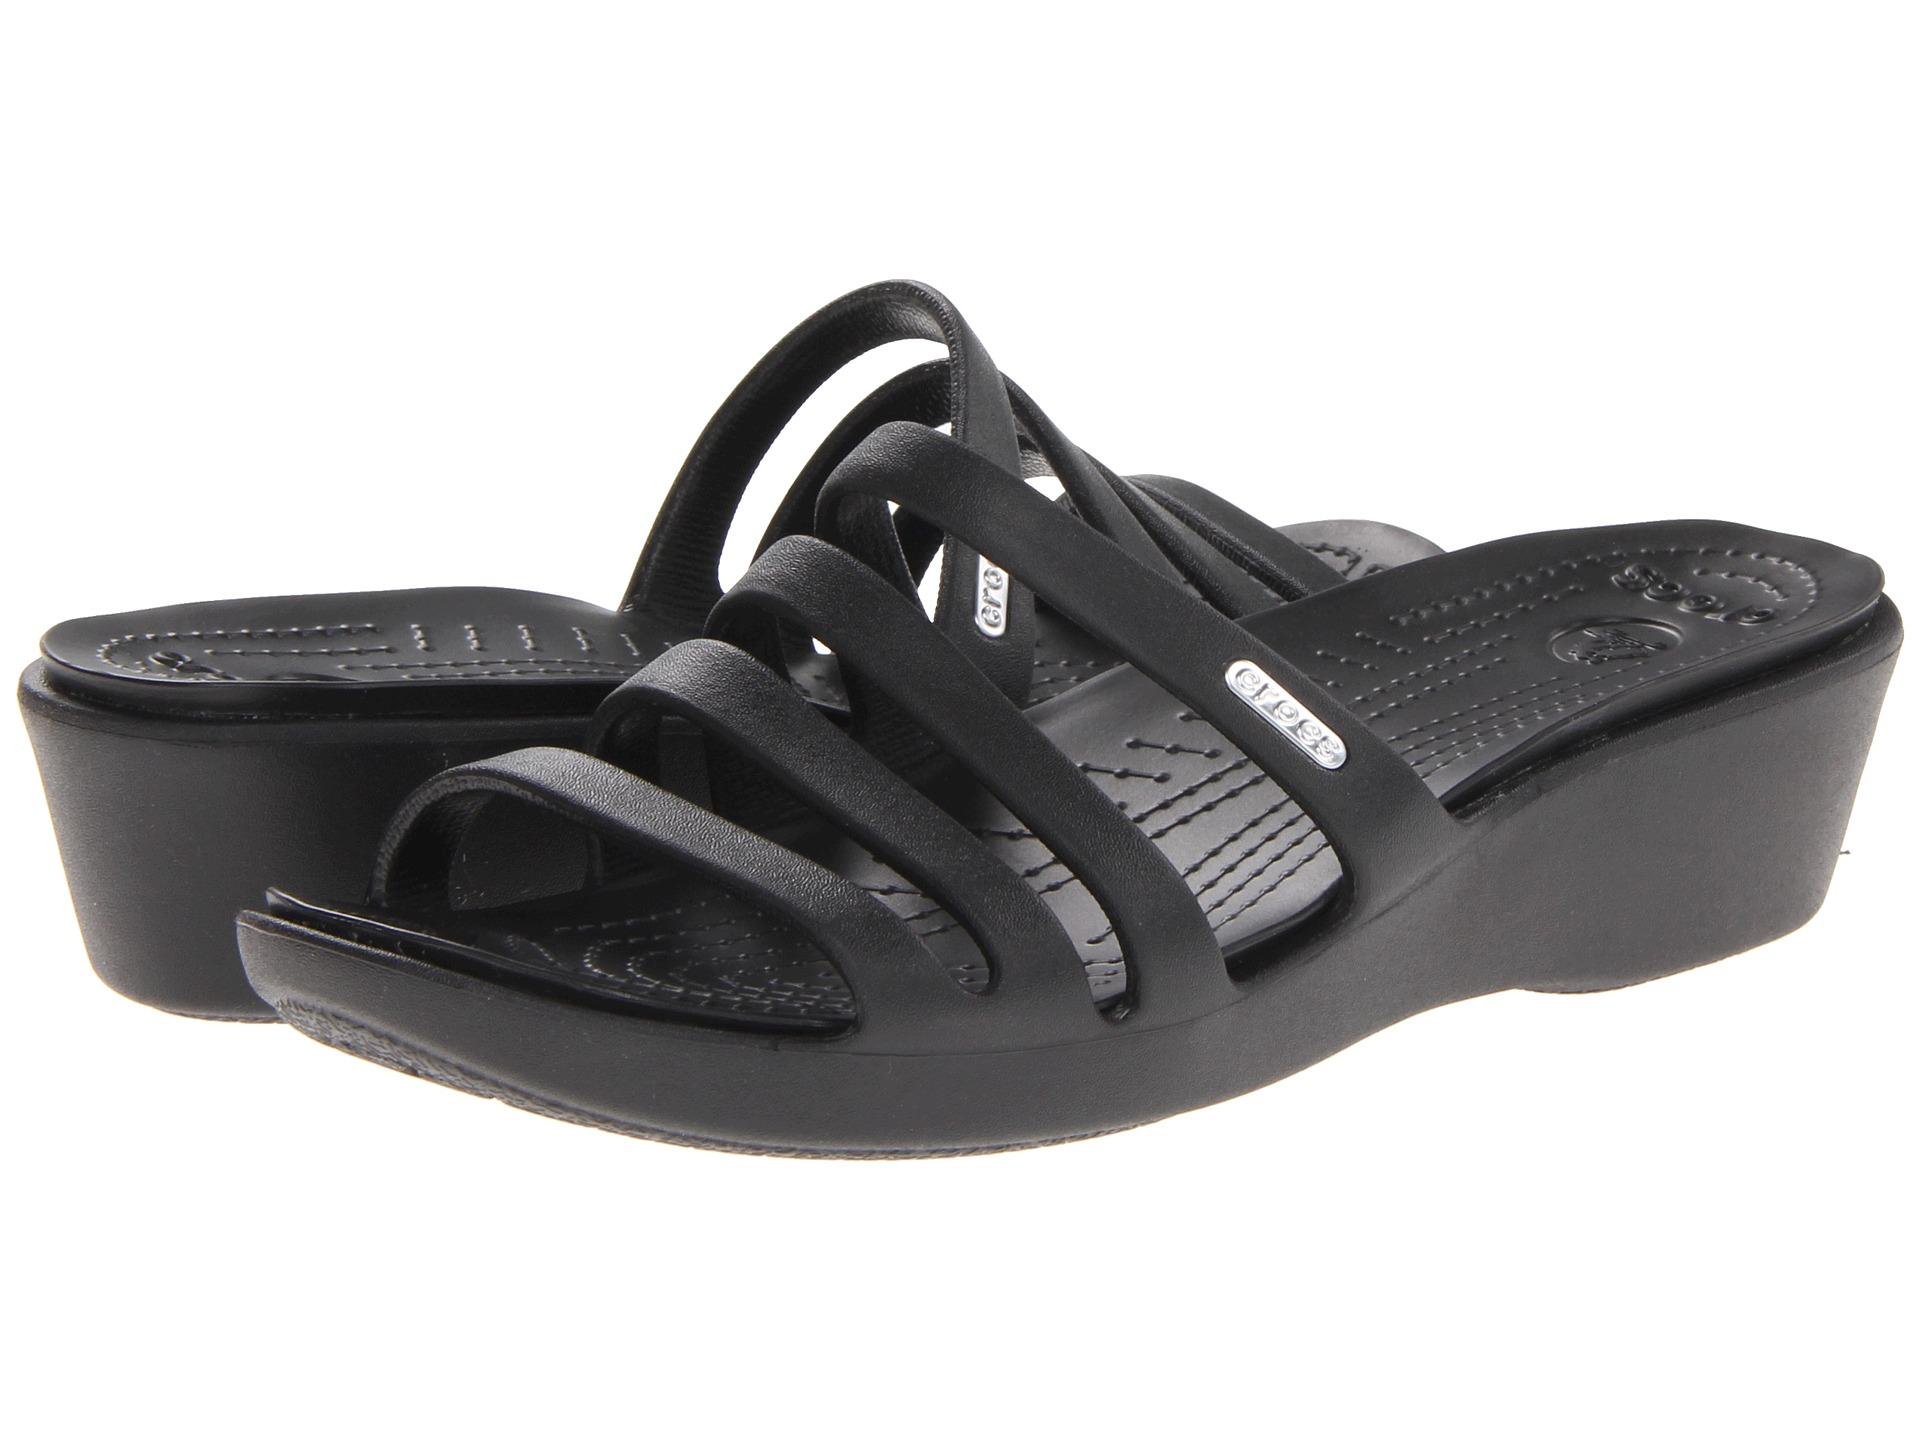 8c039326d38c Crocs Rhonda Wedge Sandal